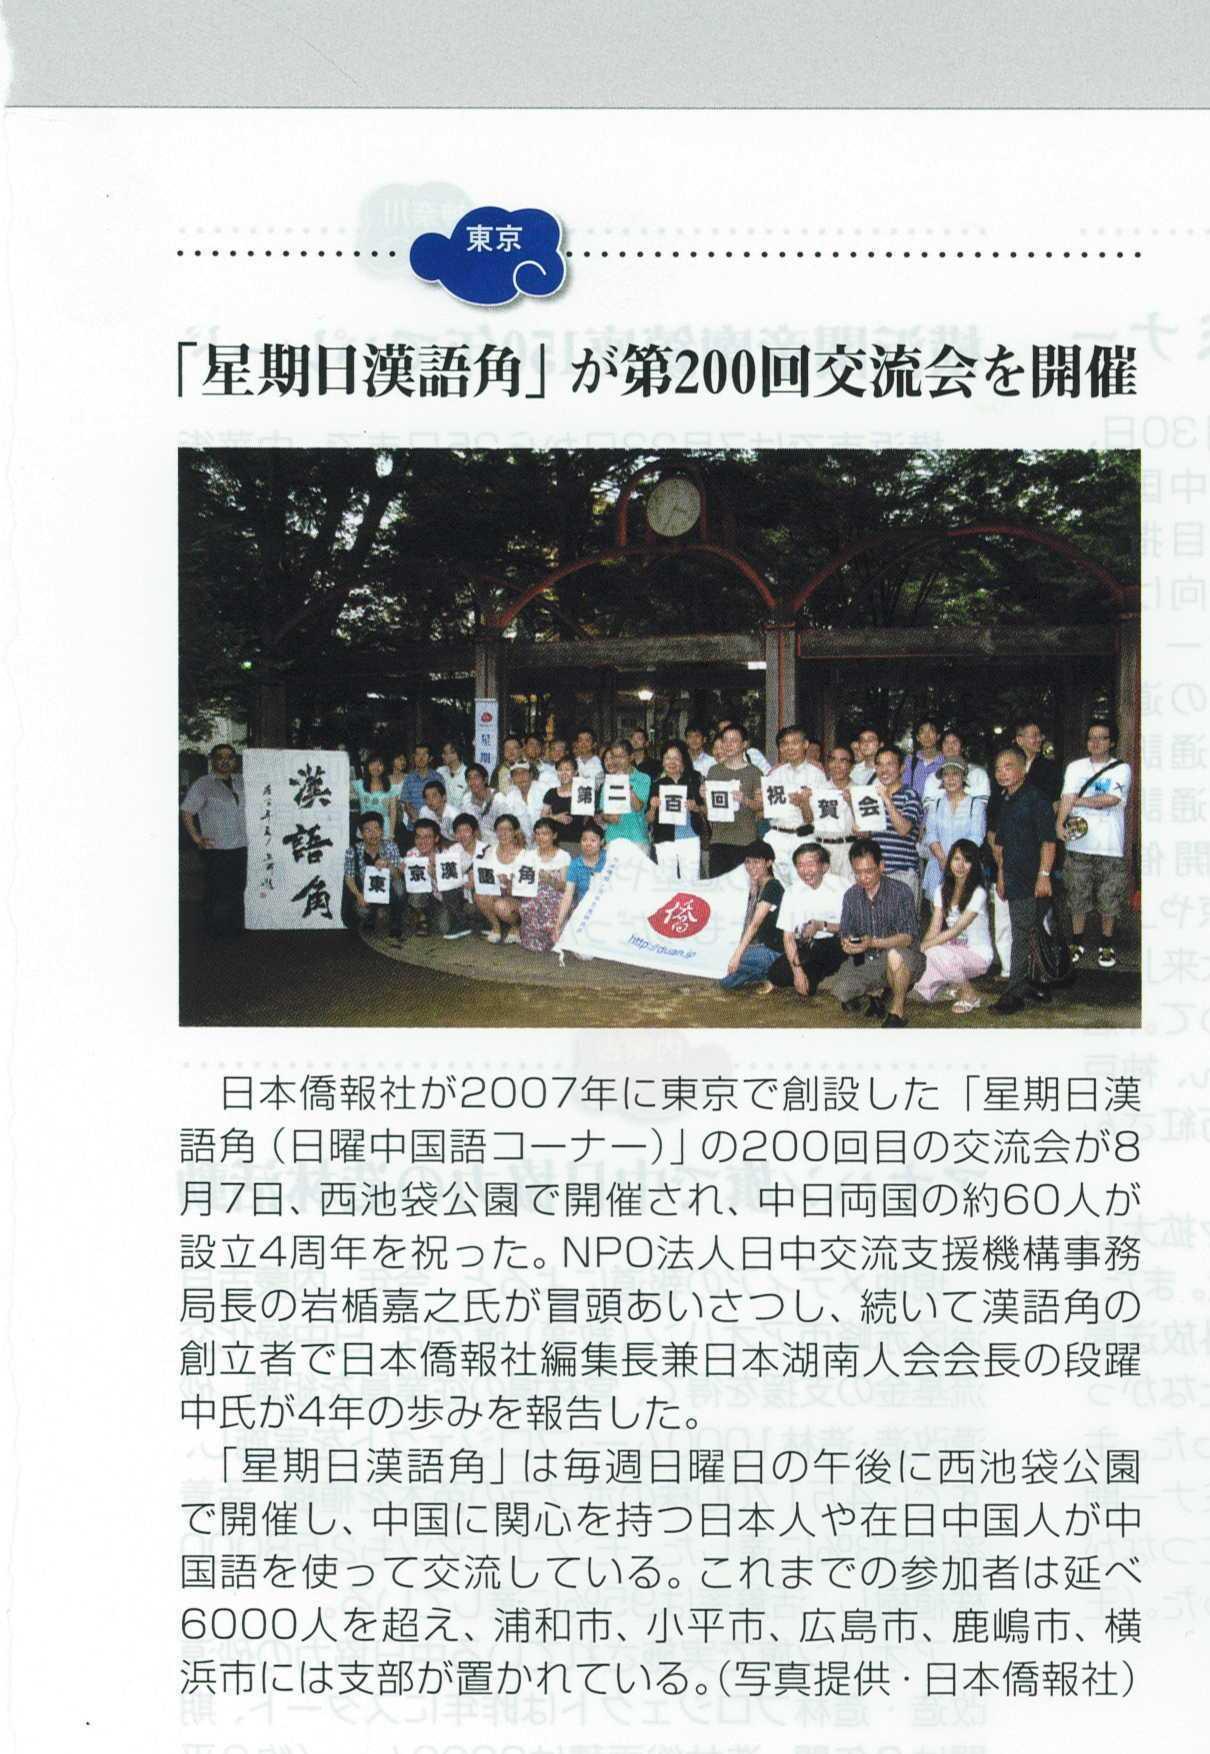 《人民中国》9月号报道了日本侨报社创办的星期日汉语角四周年特别交流会在东京举行的日文消息_d0027795_1155941.jpg